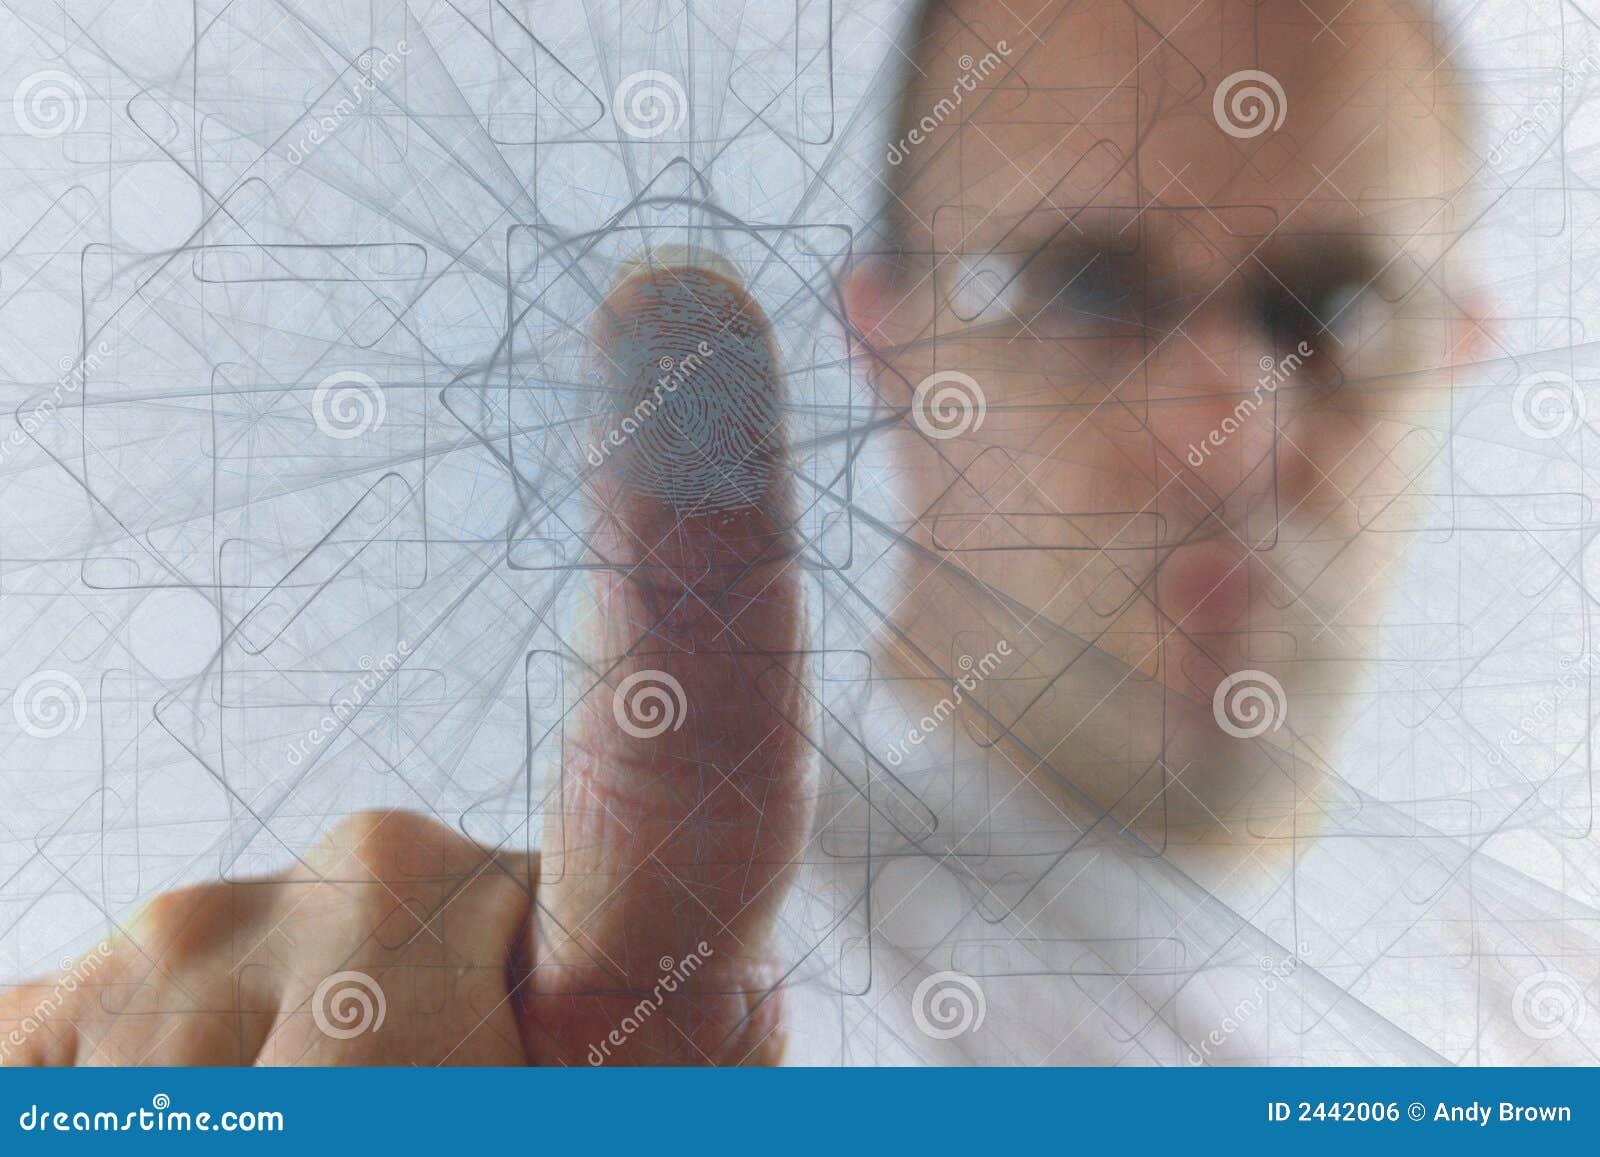 Pushing through the web